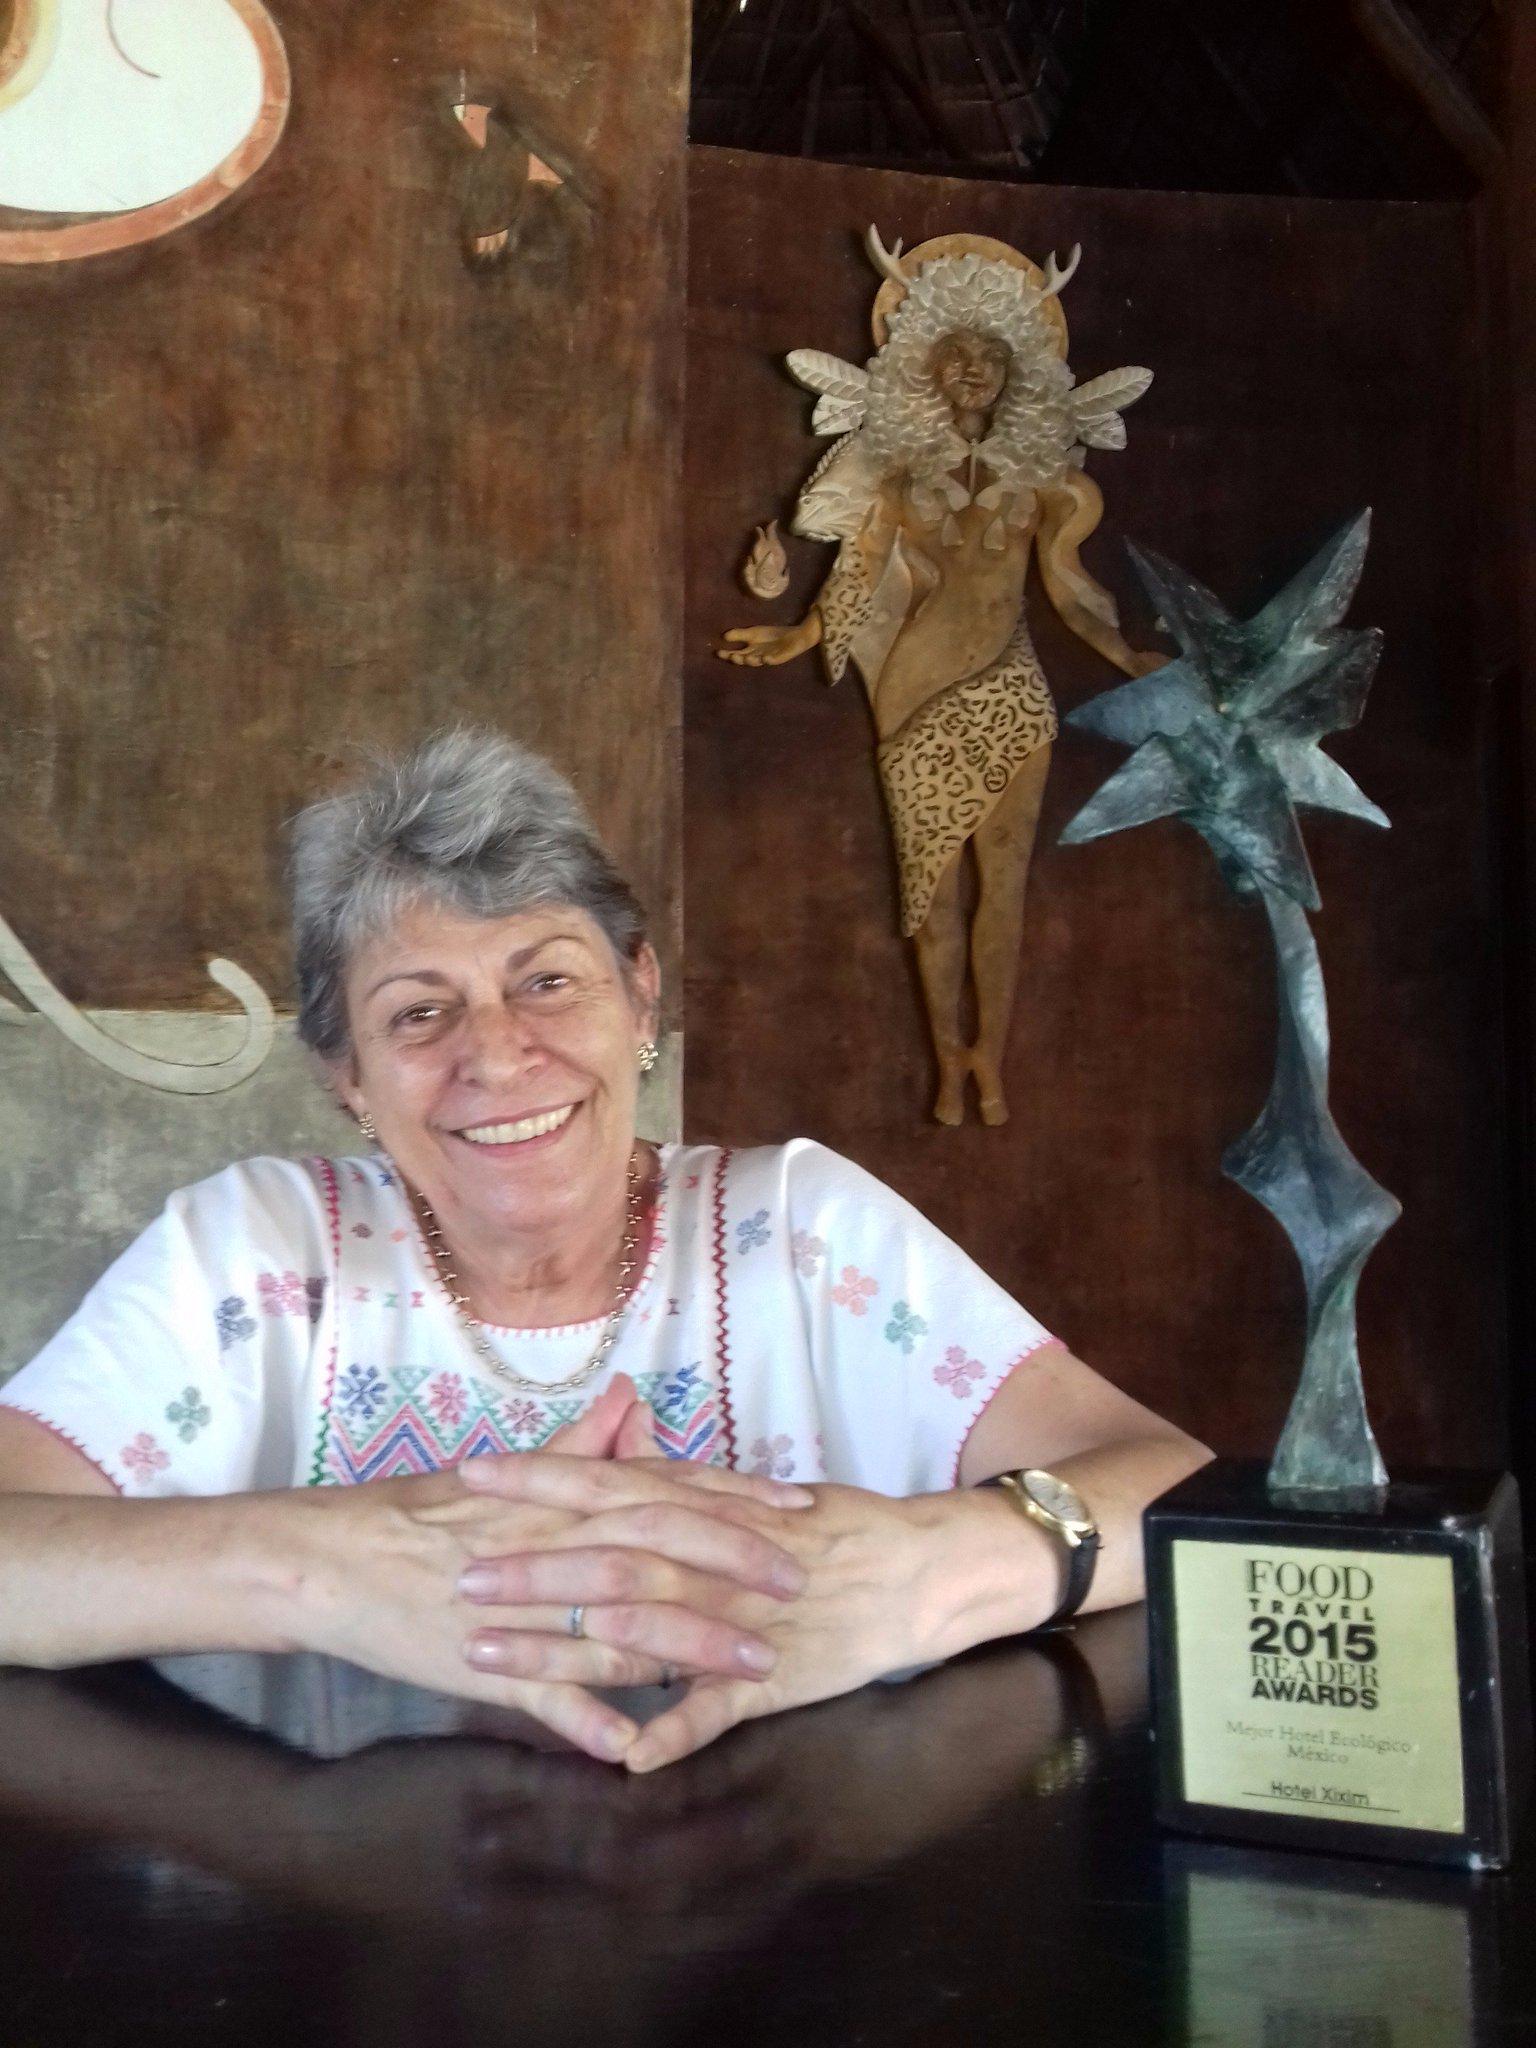 Esta semana, la señora Verena Gerber Stump vino a visitarnos a Xixim. @LaTradicionMID @AmigoYucatanDMC @ronmader https://t.co/0E2TSxs2zw